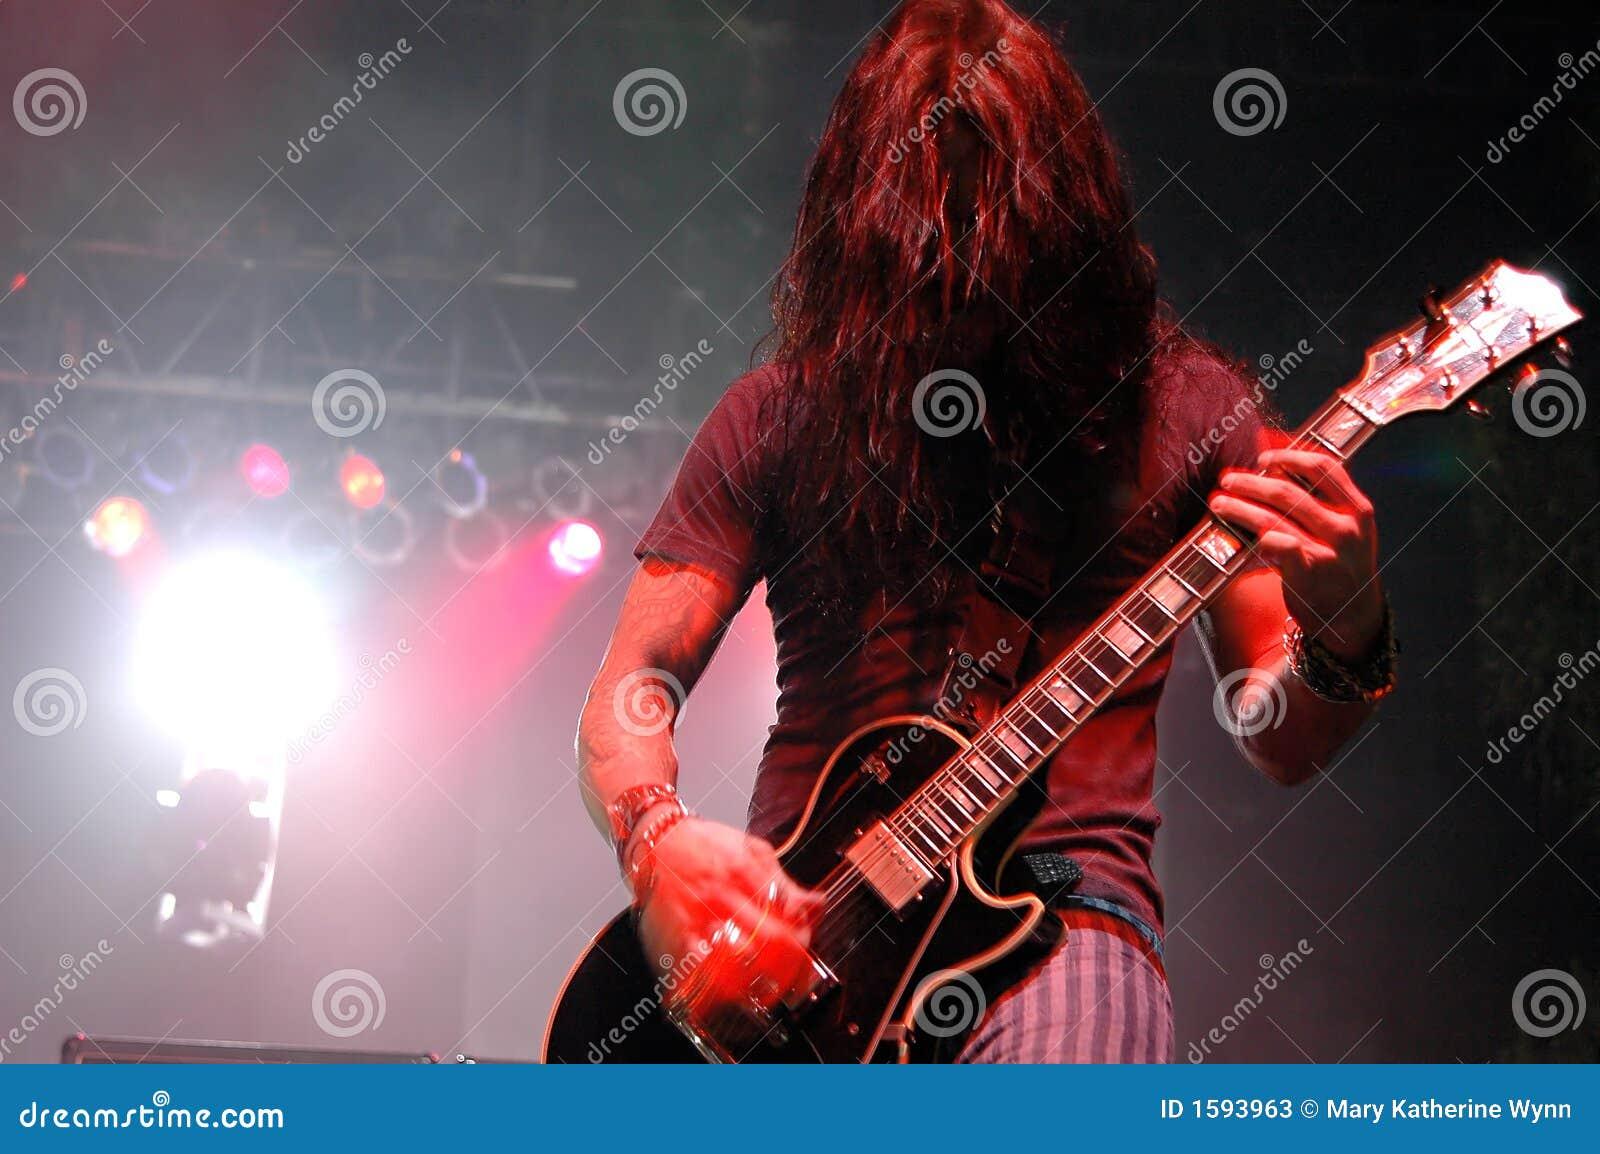 Guitar Solo Stock Photos - Image: 1593963